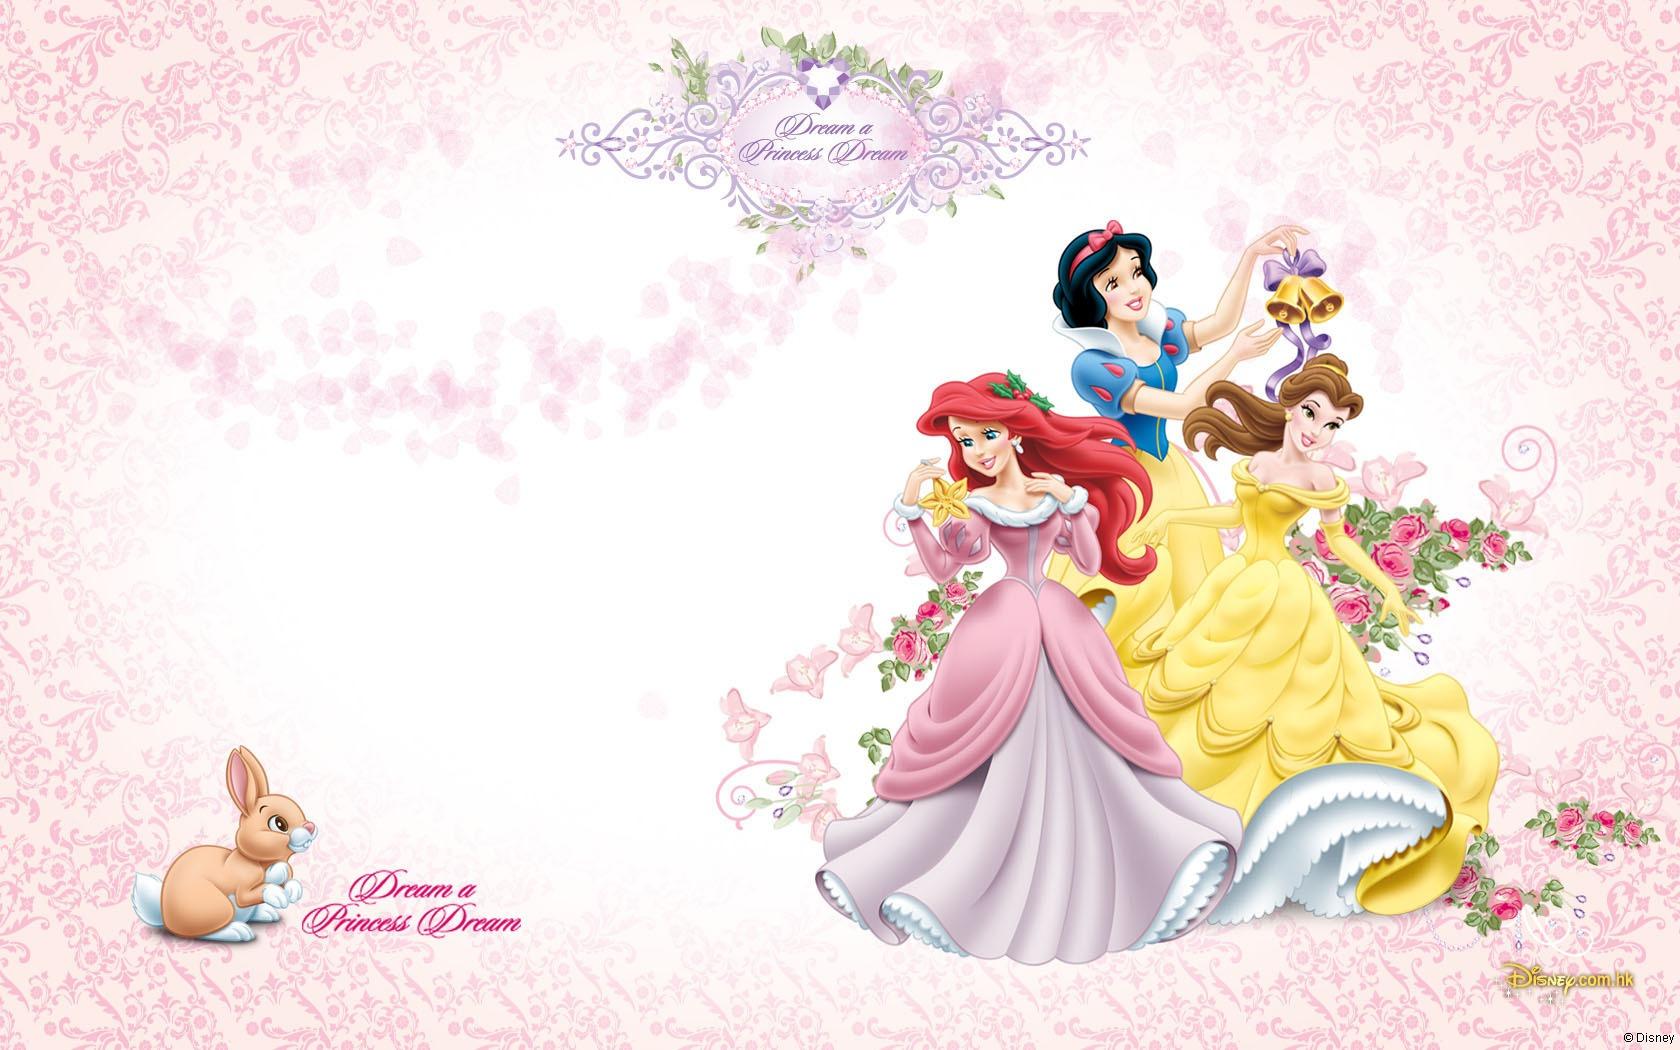 Disney Princess images Disney Princess wallpaper photos ...